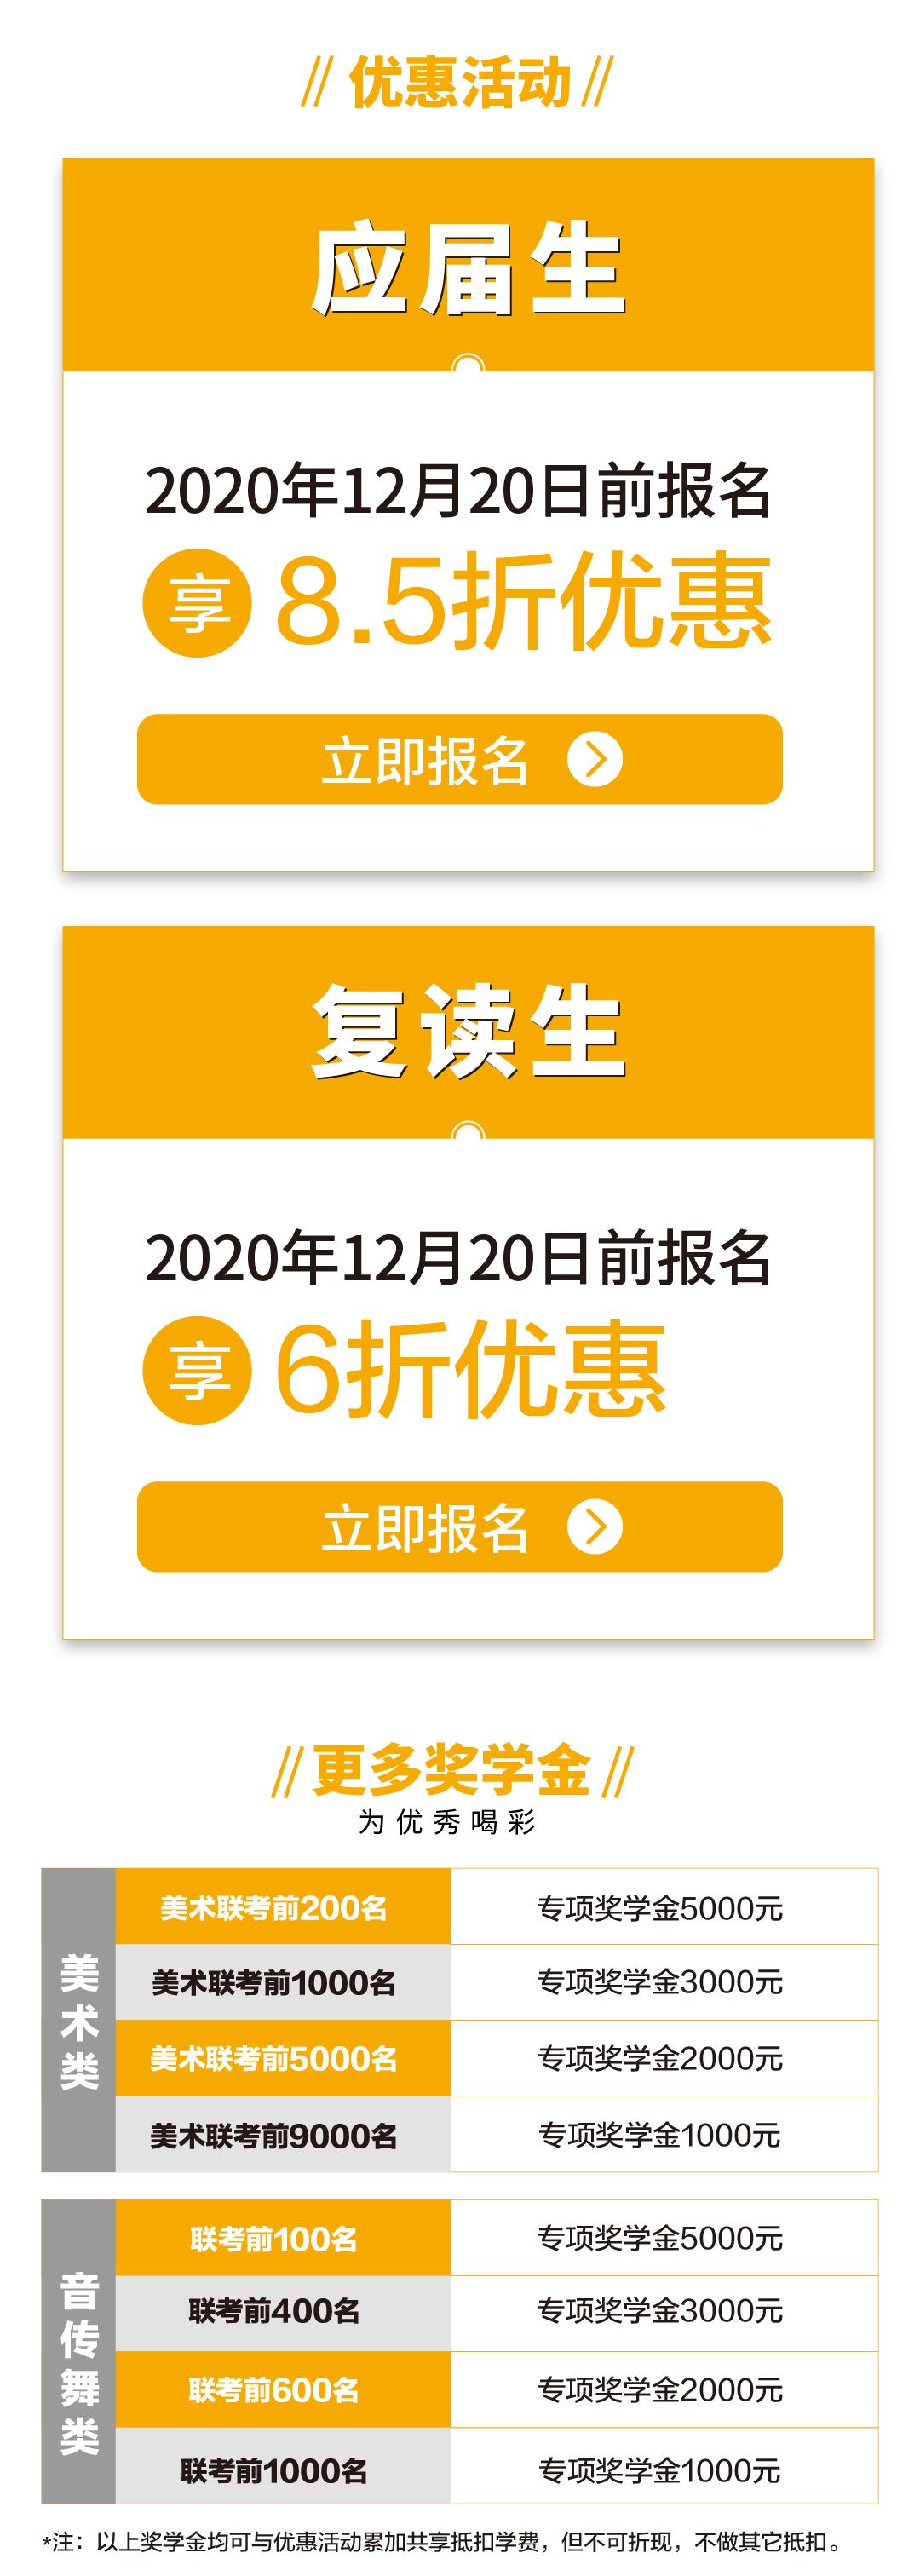 微信图片_20201126173203.jpg